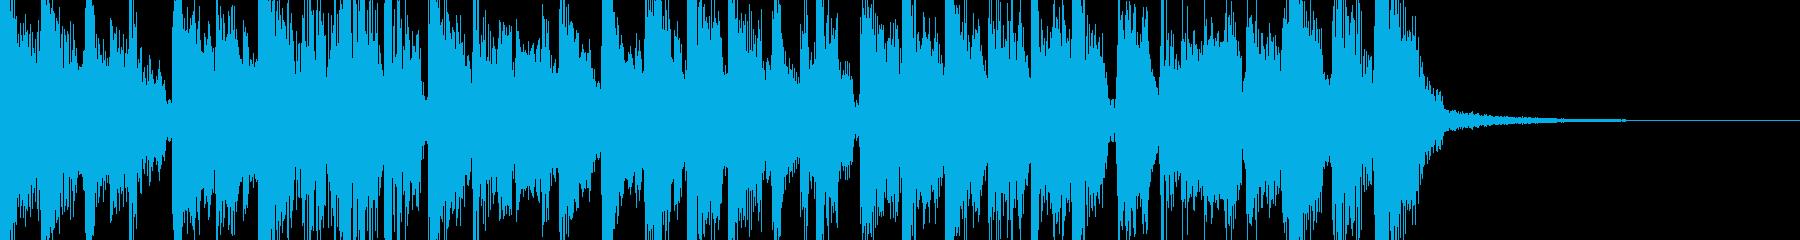 渋めで大人っぽいJazzジングルの再生済みの波形